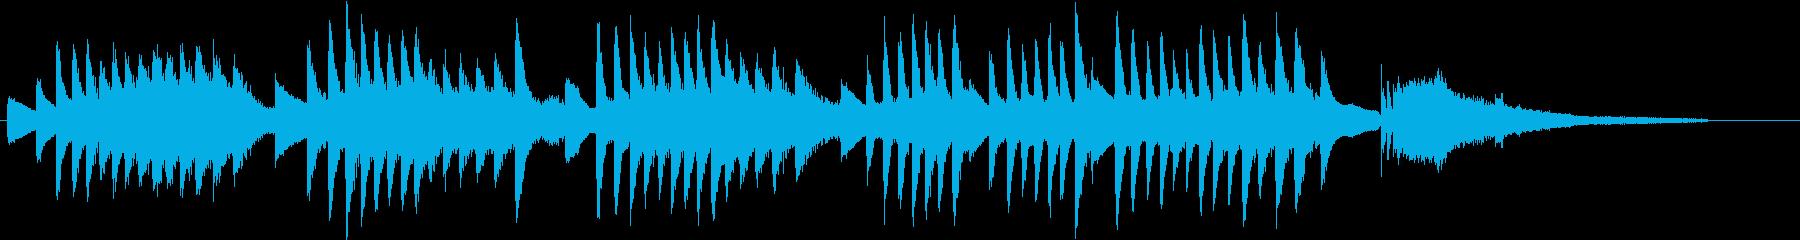 和音で流れ星を現した幻想的ピアノジングルの再生済みの波形